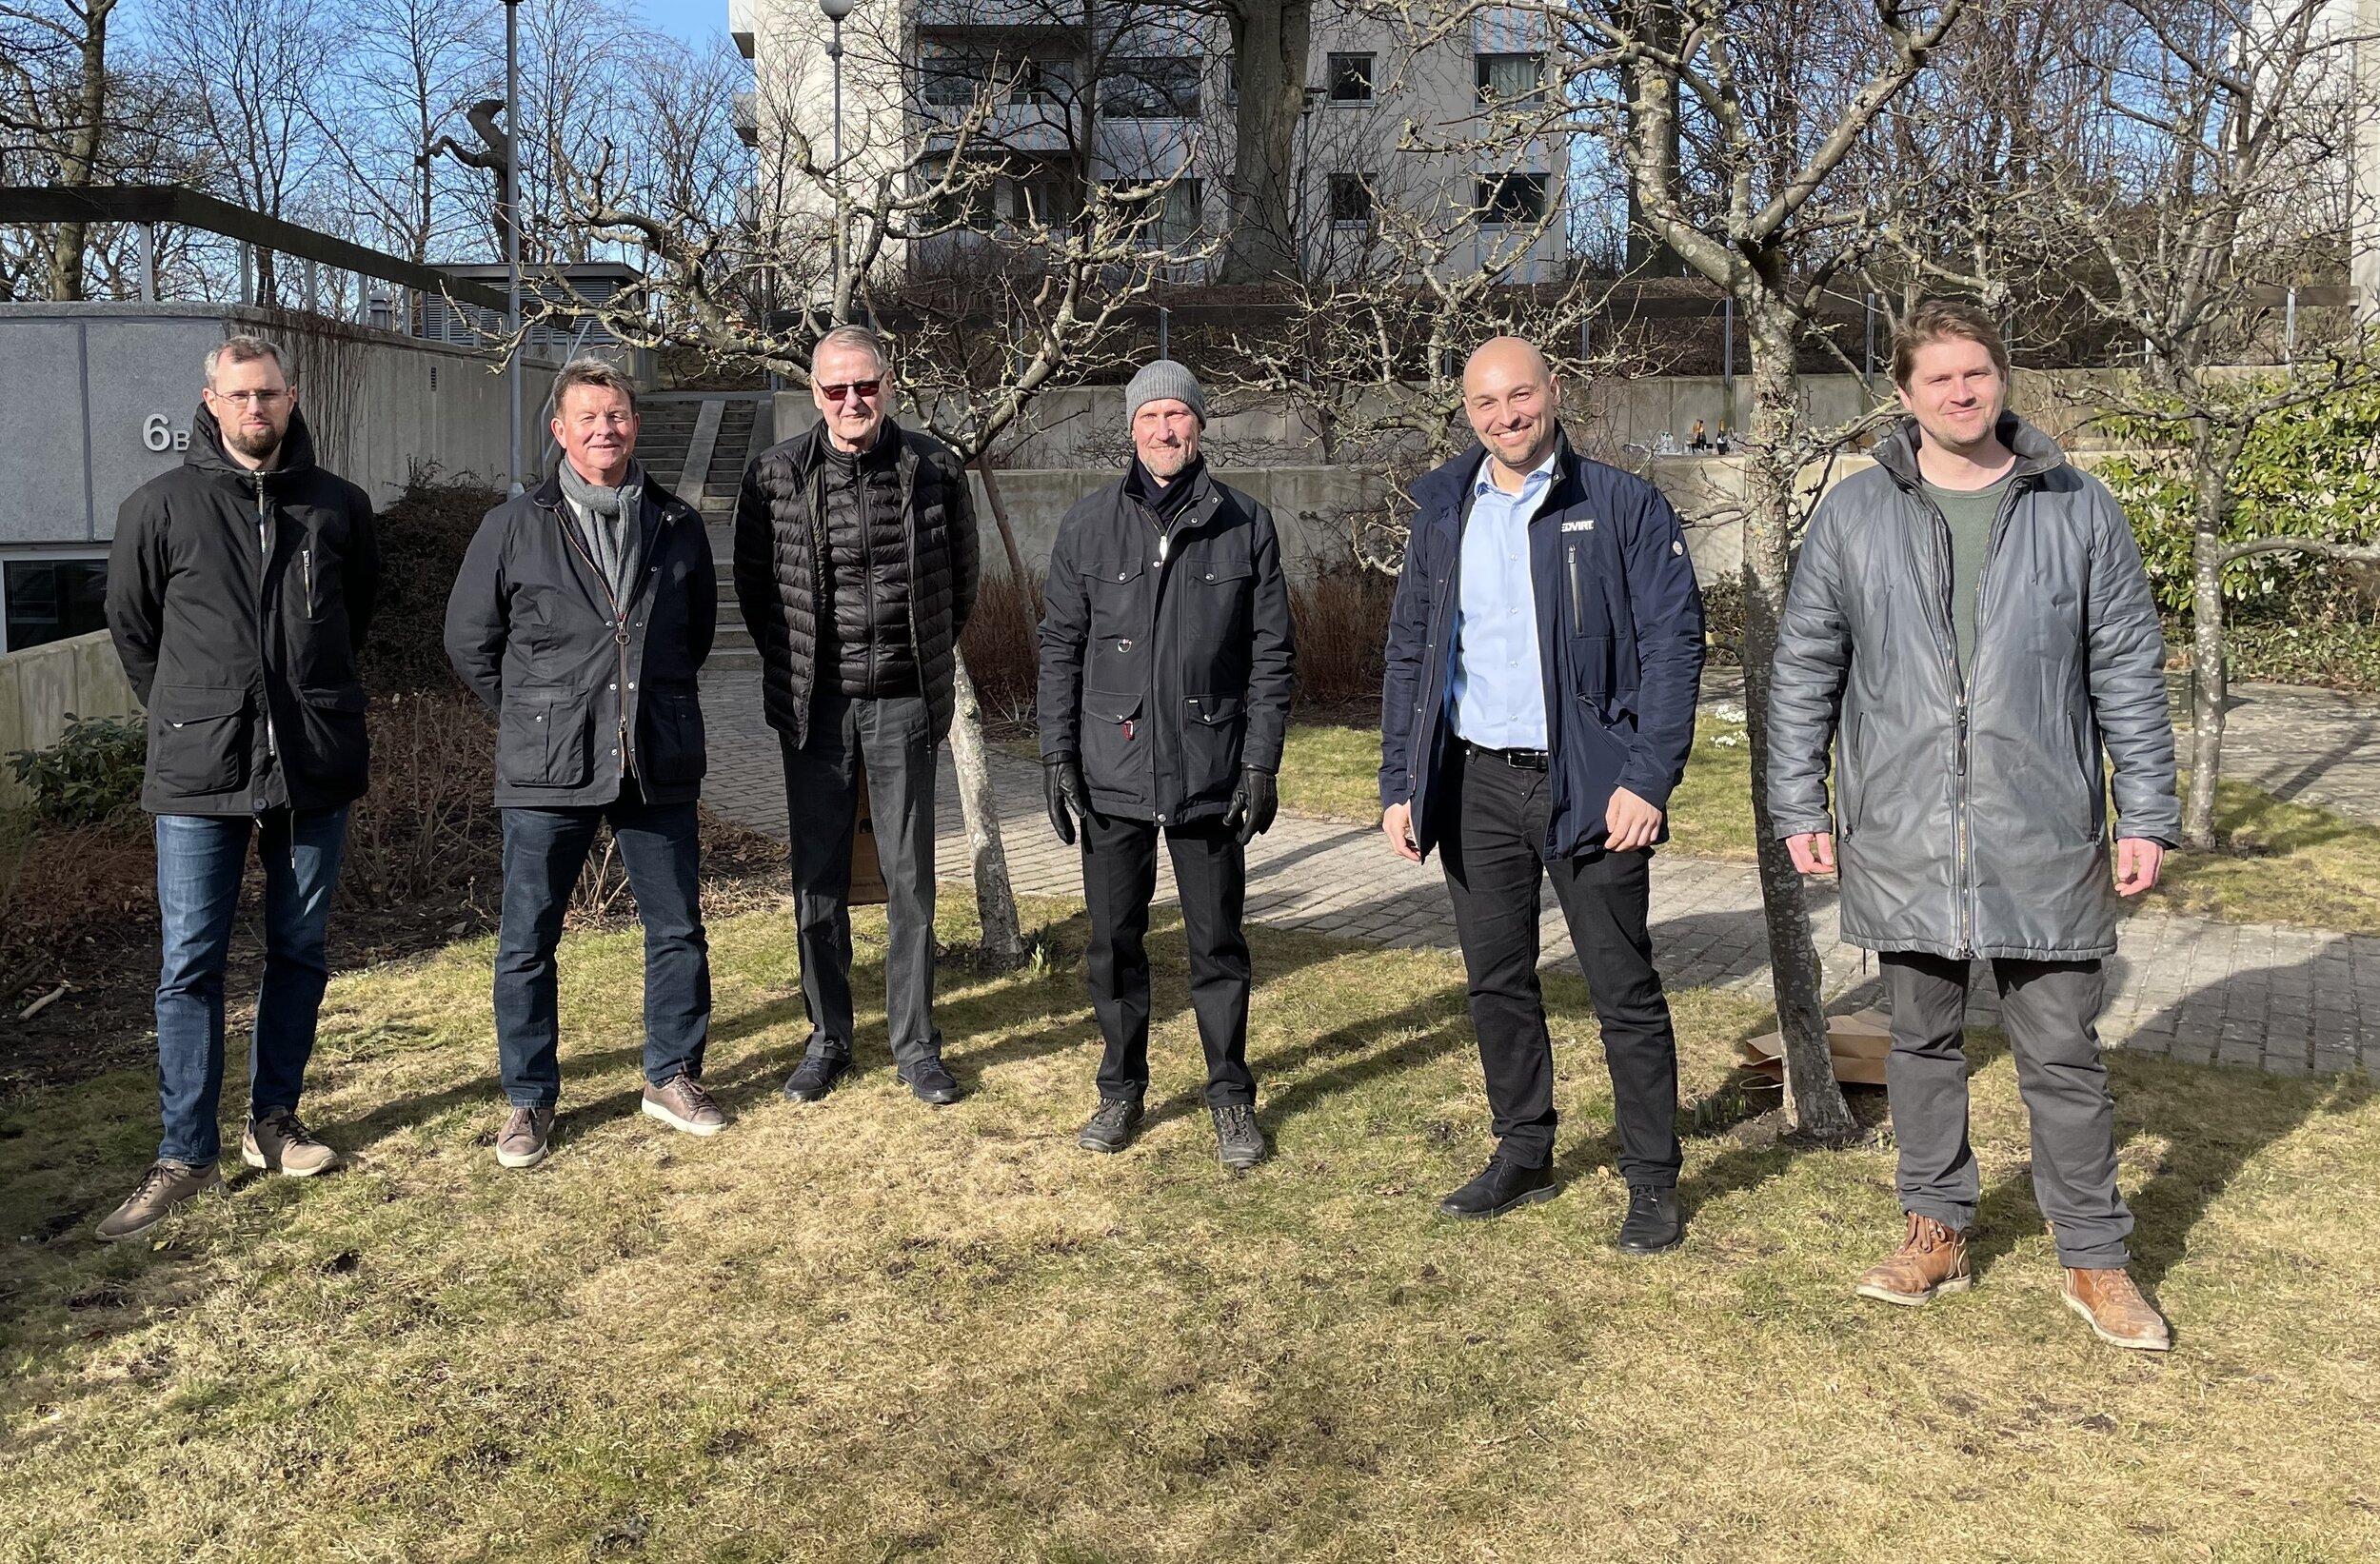 Från vänster:  Petter Börjsson, Lars-Göran Dahlqvist, Jan E. Liljeqvist, Tommy Ellison, Tomislav Rogan och Eric Odkrans.